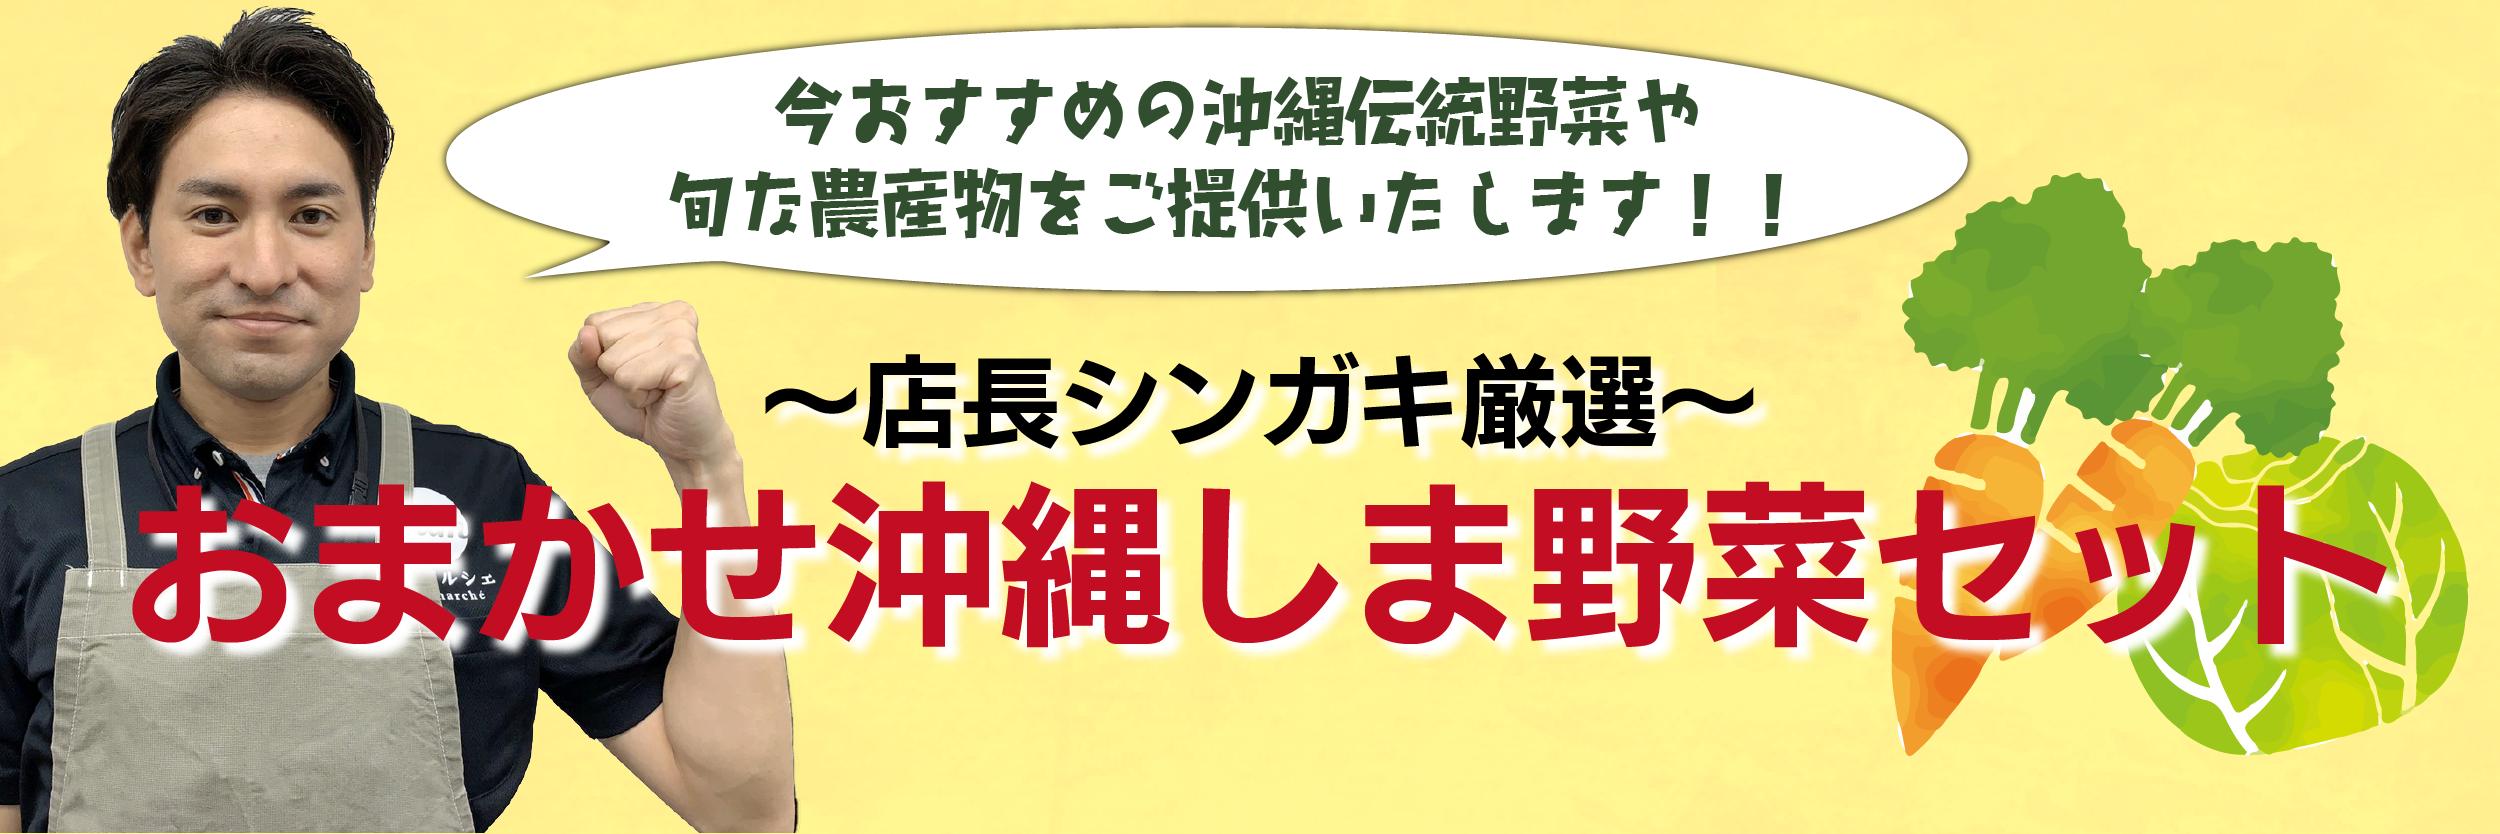 今オススメの沖縄伝統野菜や旬な農産物をお届けいたします!|おまかせ沖縄島野菜セット